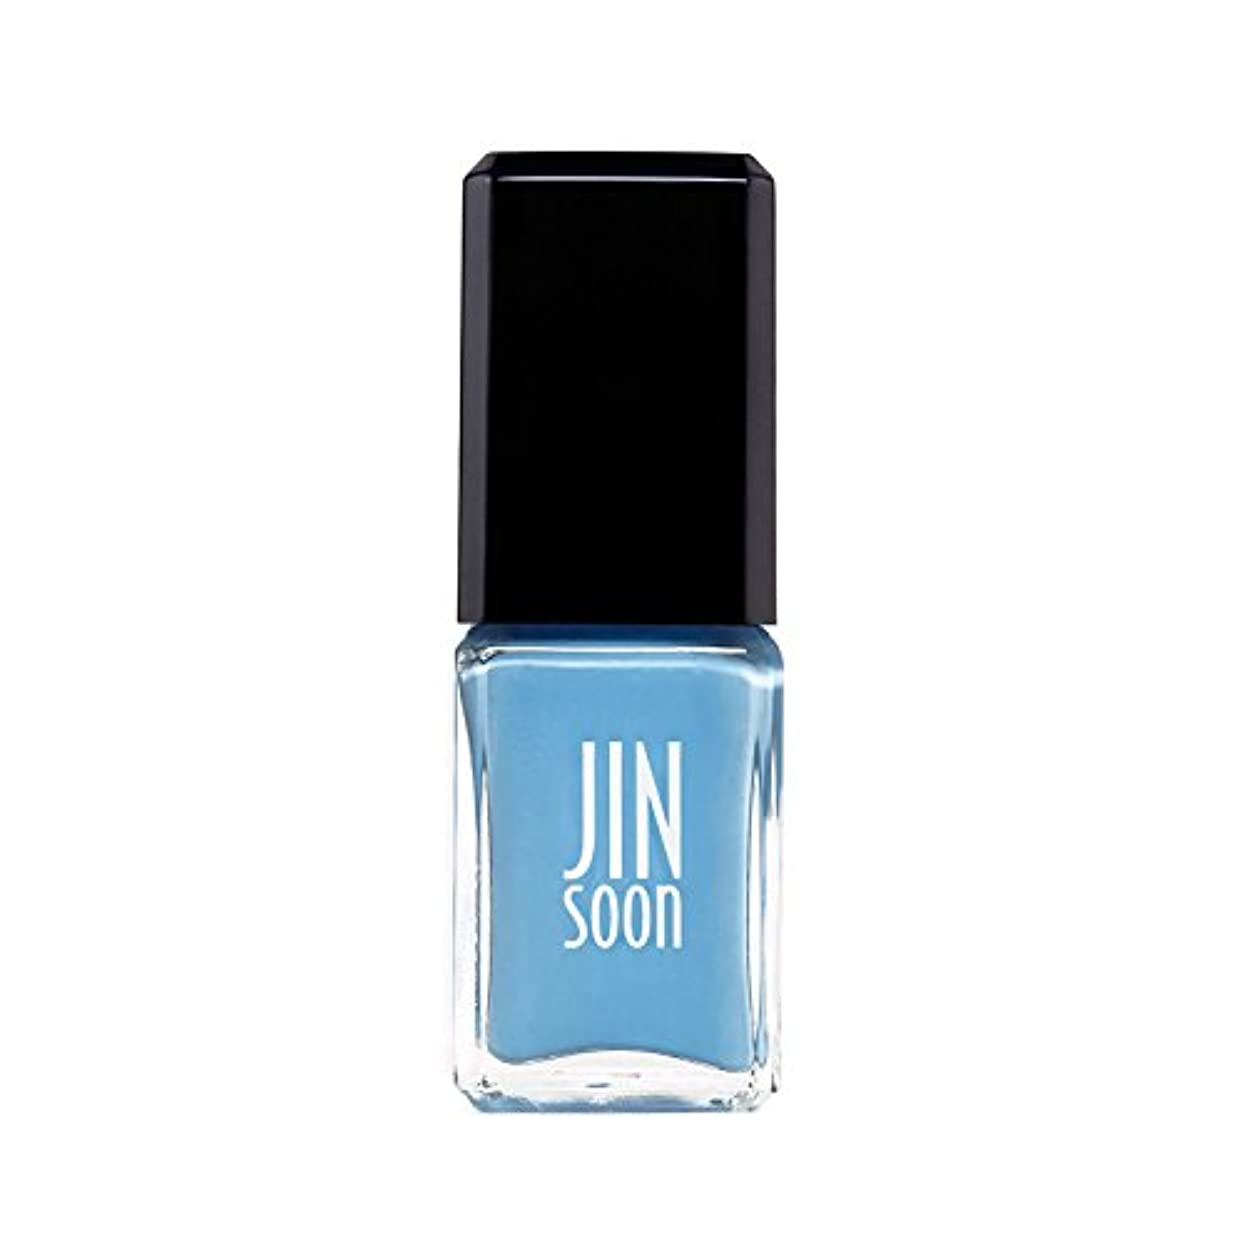 一般化するかなり不条理[ジンスーン] [ jinsoon] エアロ(マヤブルー) AERO ジンスーン 5フリー ネイルポリッシュ【ブルー】